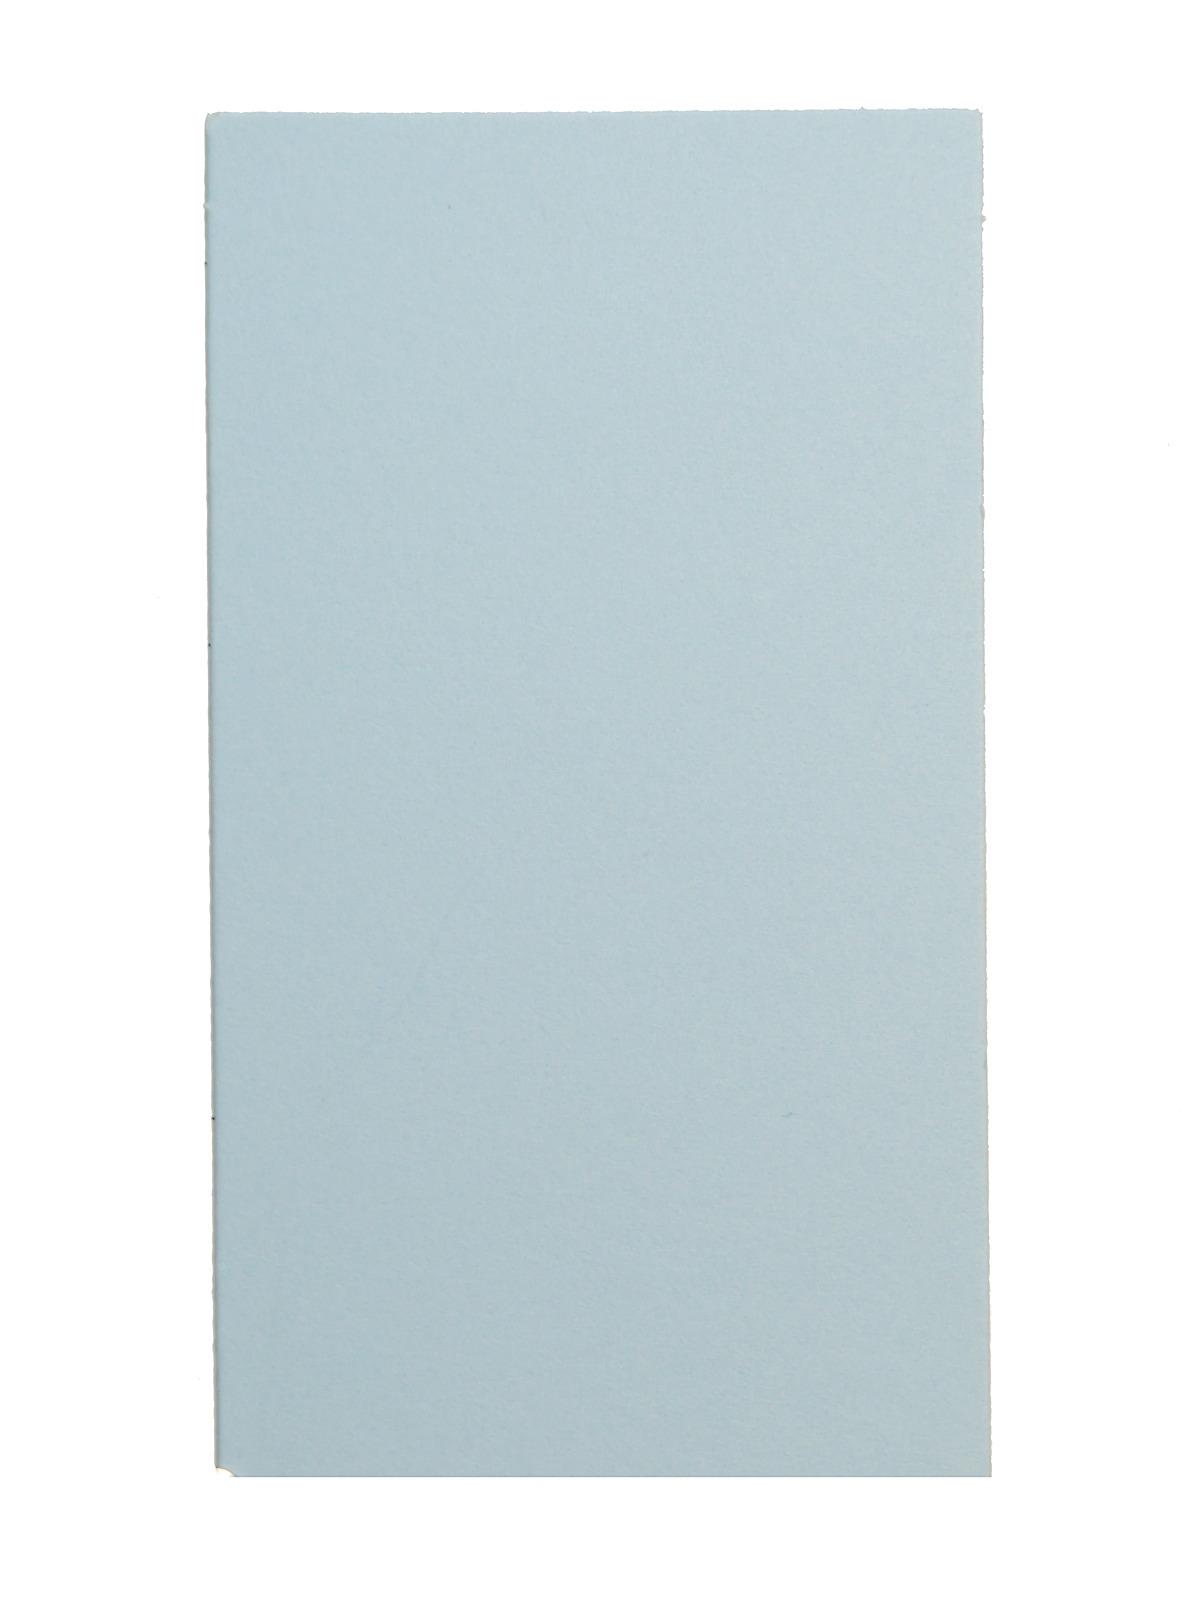 elite uncut compact michaels mats hobby mat boards photo matte board lobby matting cutter